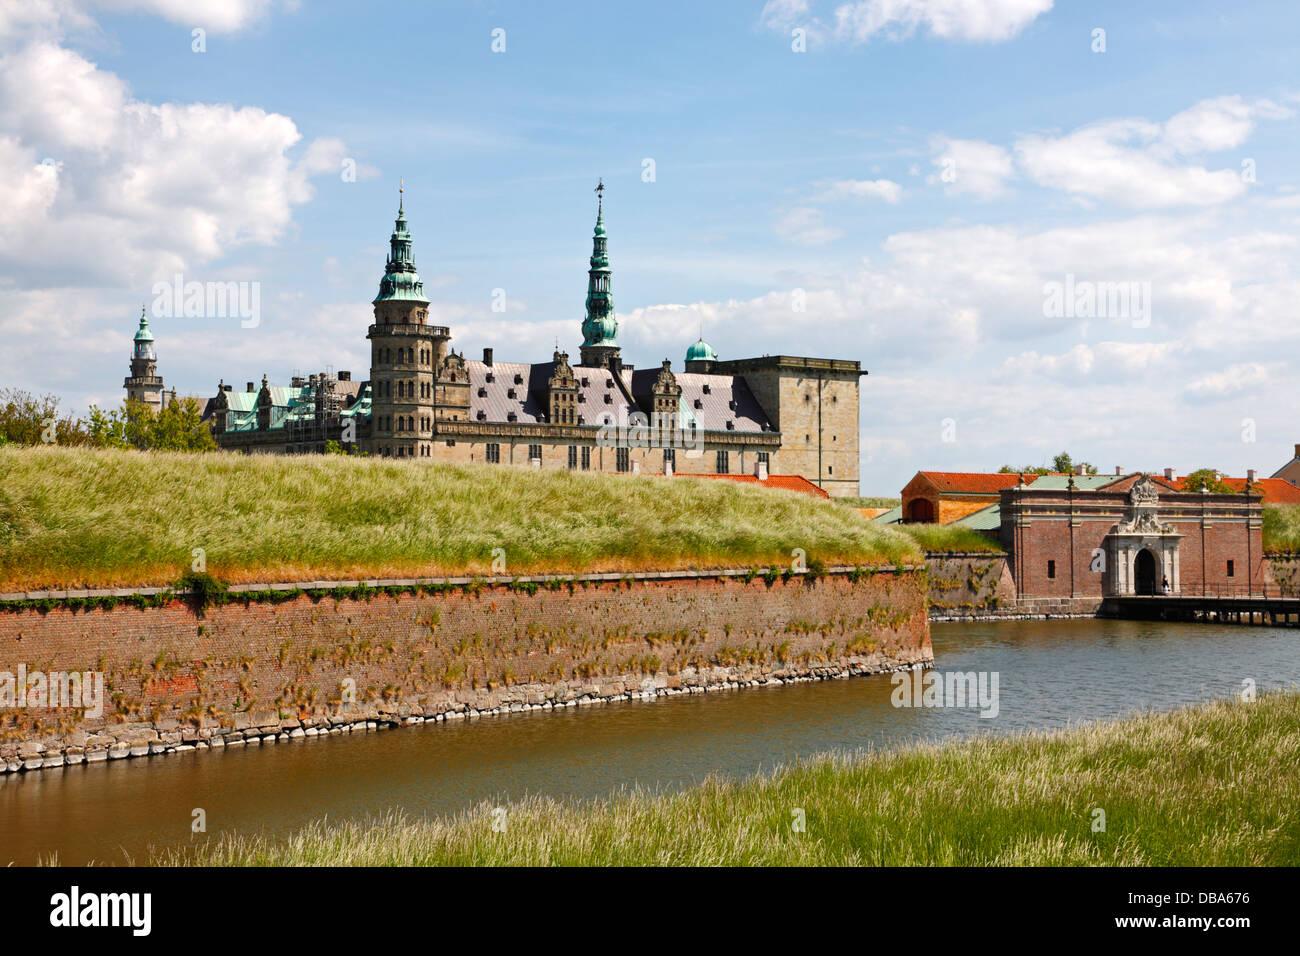 Il rinascimentale Castello Kronborg a Elsinore, Danimarca, con l'ingresso principale e il fossato di protezione in primo piano. Foto Stock